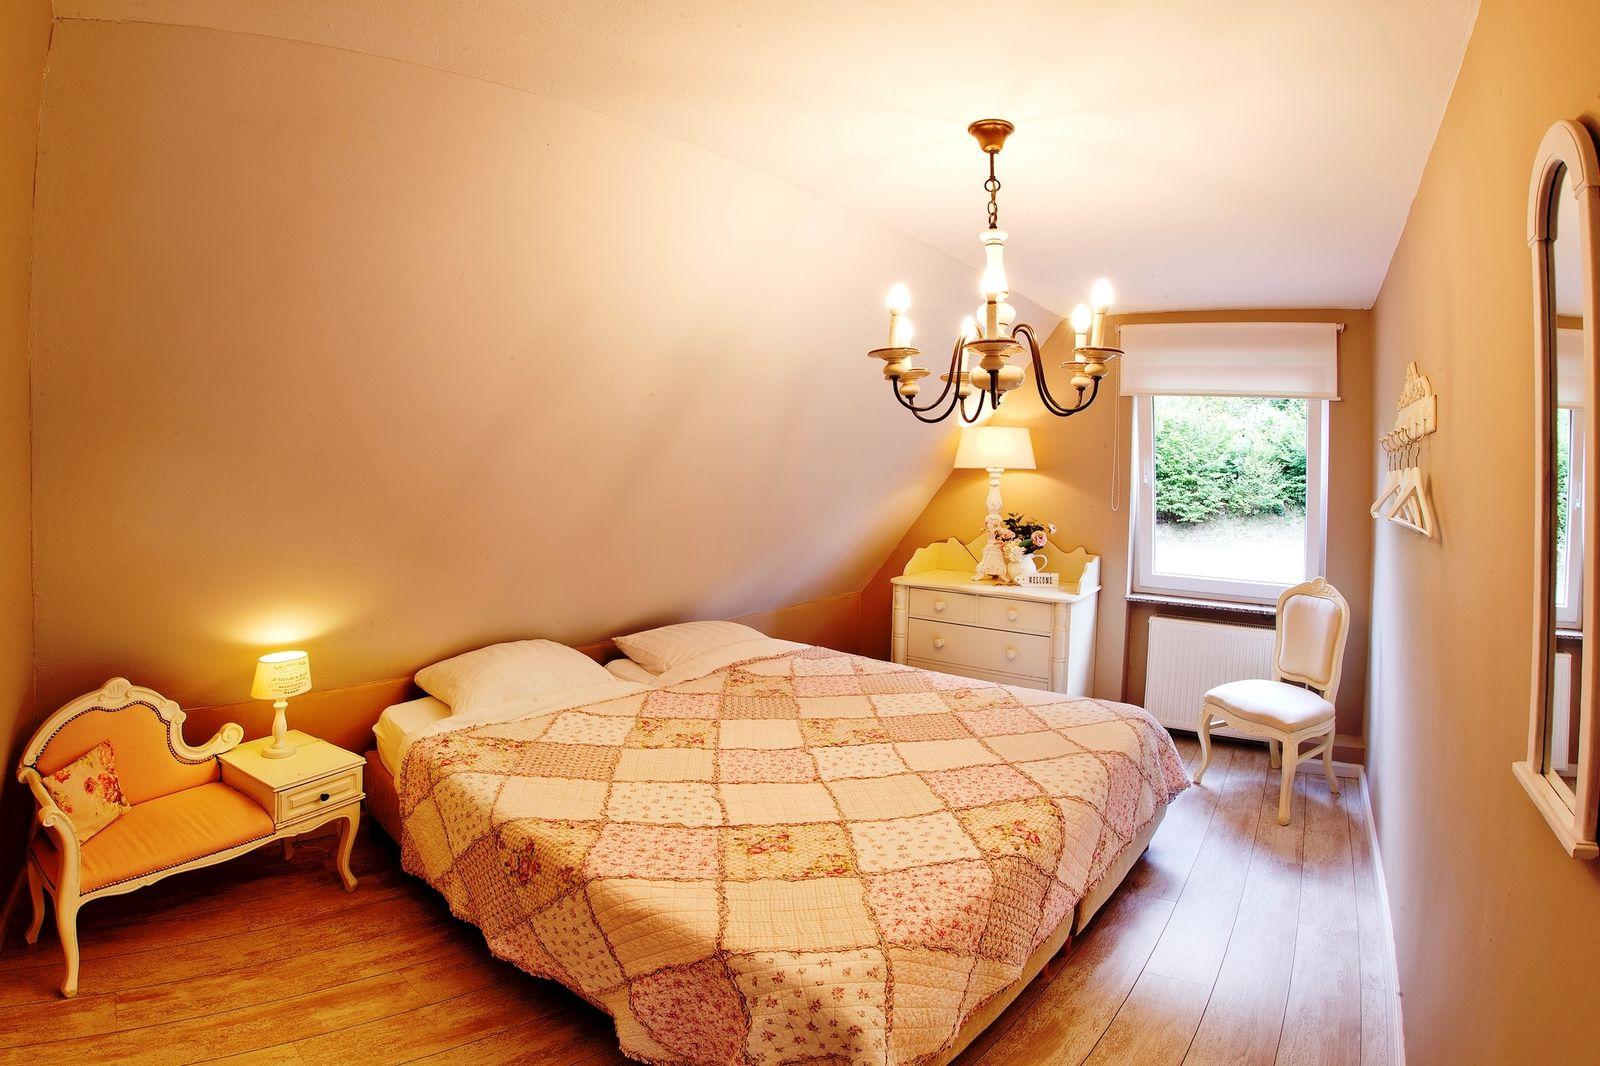 Afbeelding van Huize Schutzbach XL - luxe vakantiehuis in de natuur van Duitsland